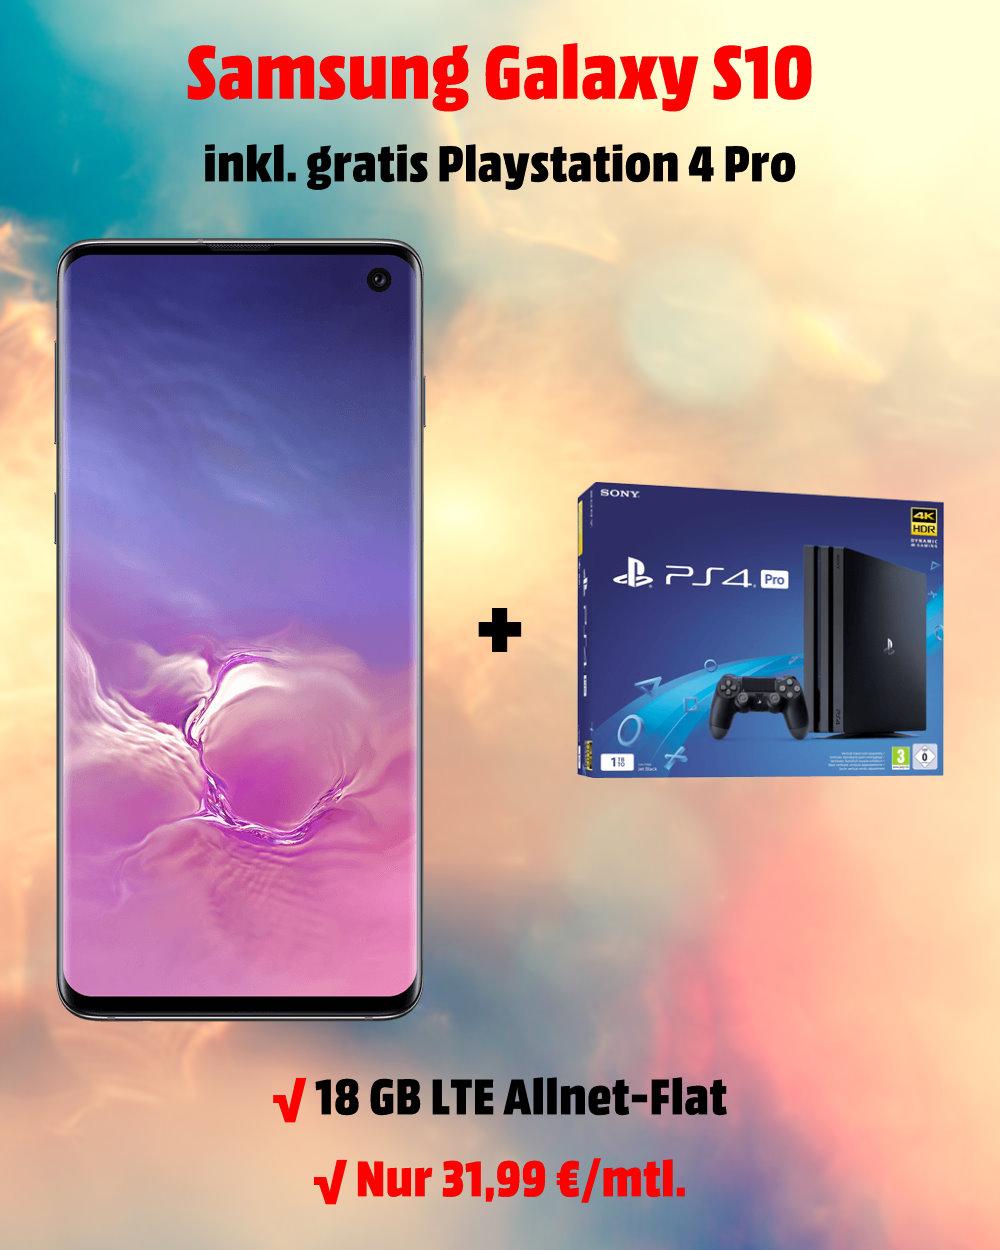 Die besten Handytarife Galaxy S10 inkl. Playstation 4 Pro und 18 GB LTE Allnet-Flat zum absoluten Tiefstpreis